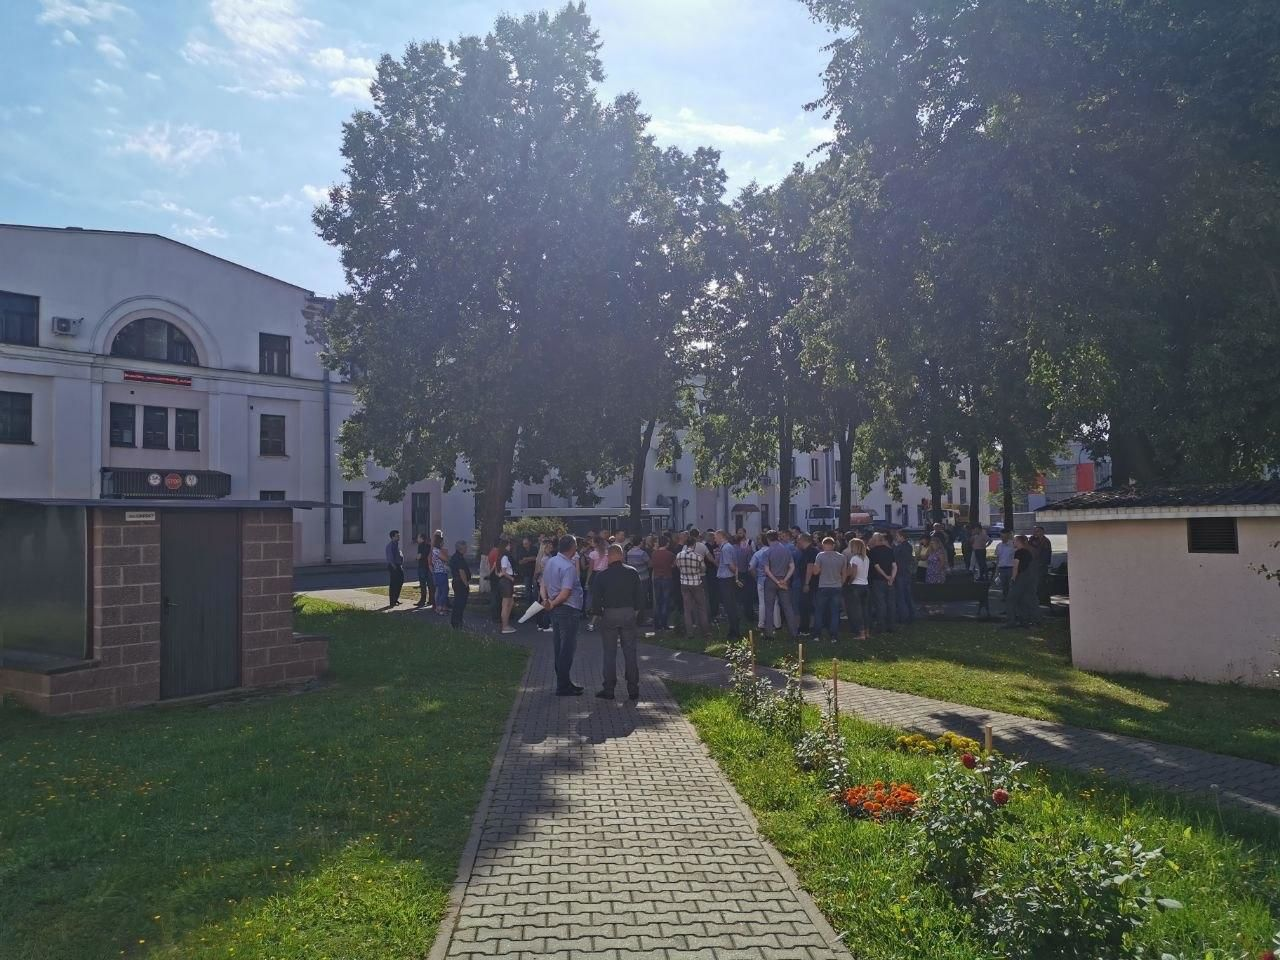 Протести у Білорусі.Мінський електротехнічний завод ім. Козлова страйкує